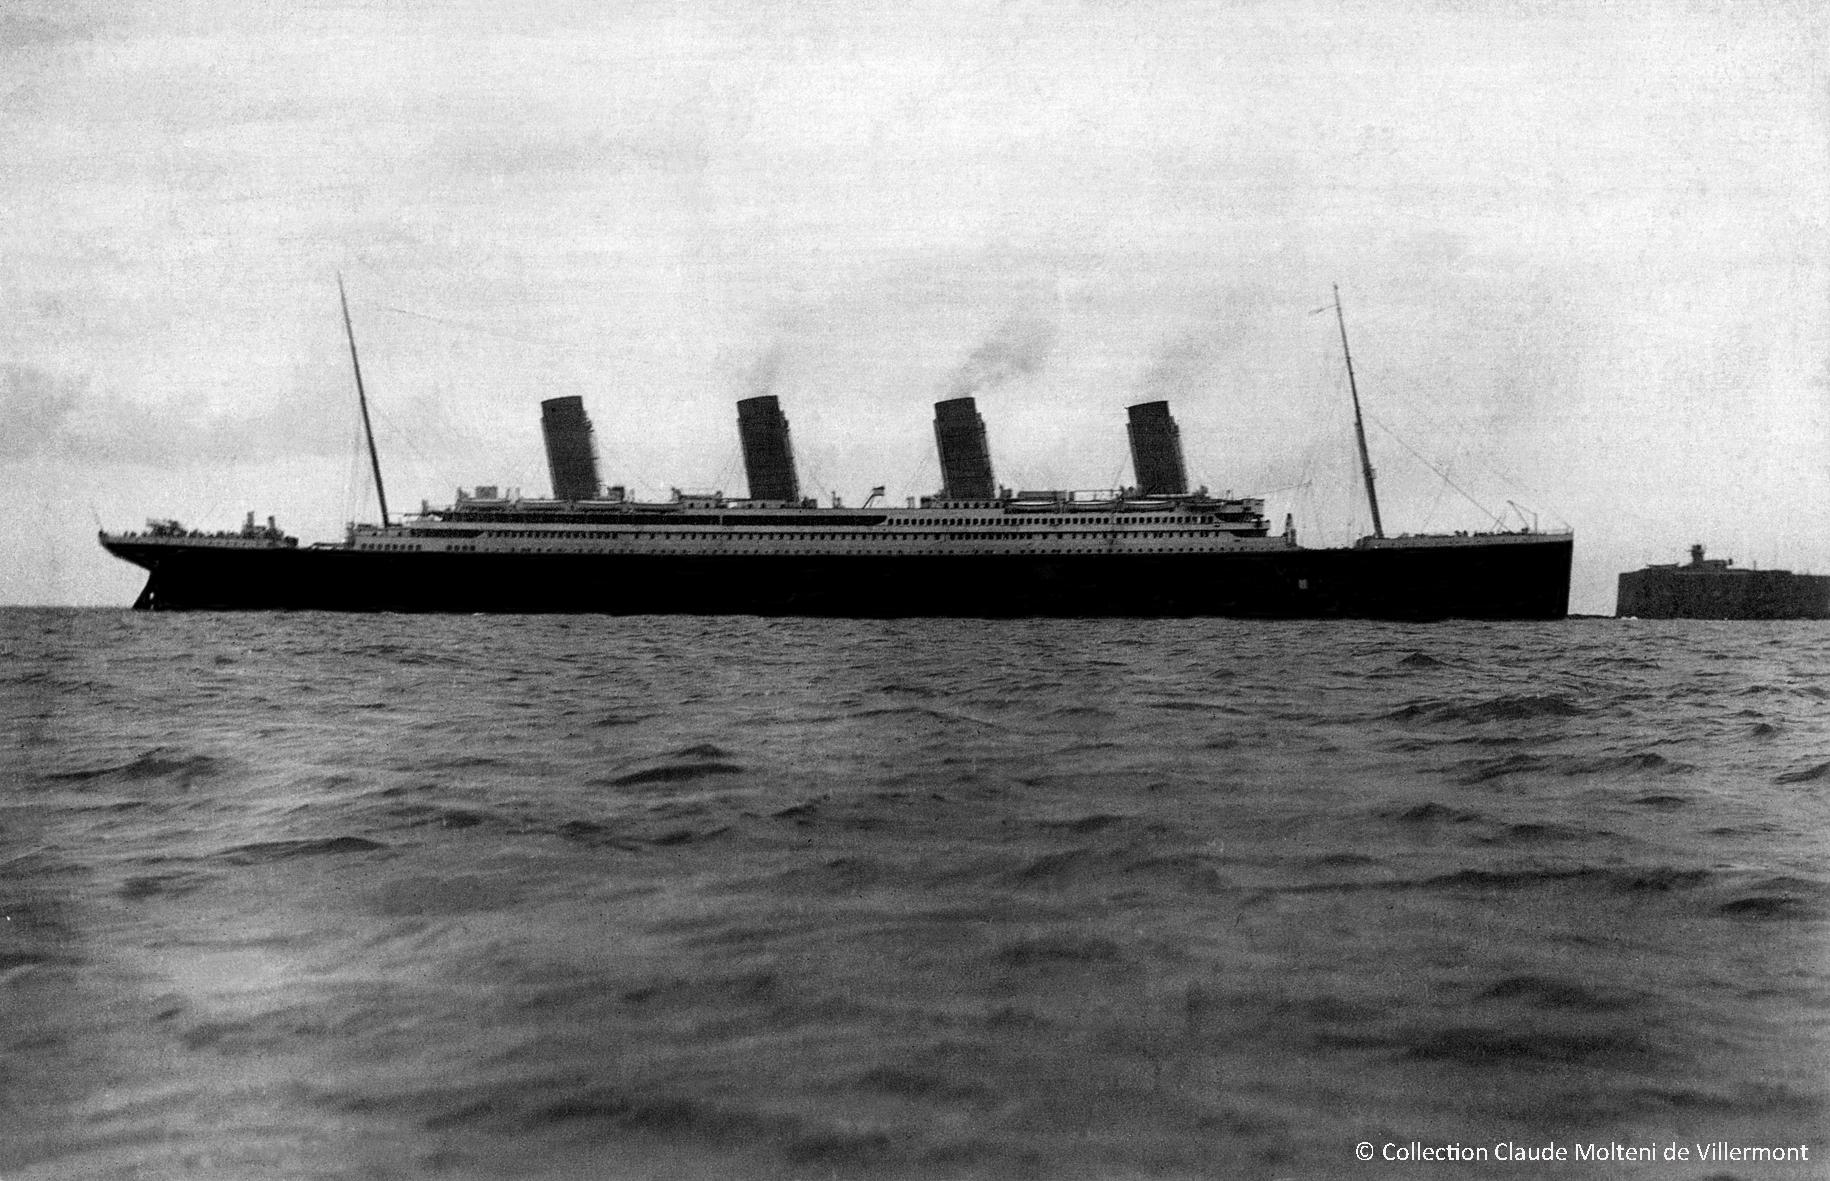 Le Titanic en rade de Cherbourg, le 10 avril 1912